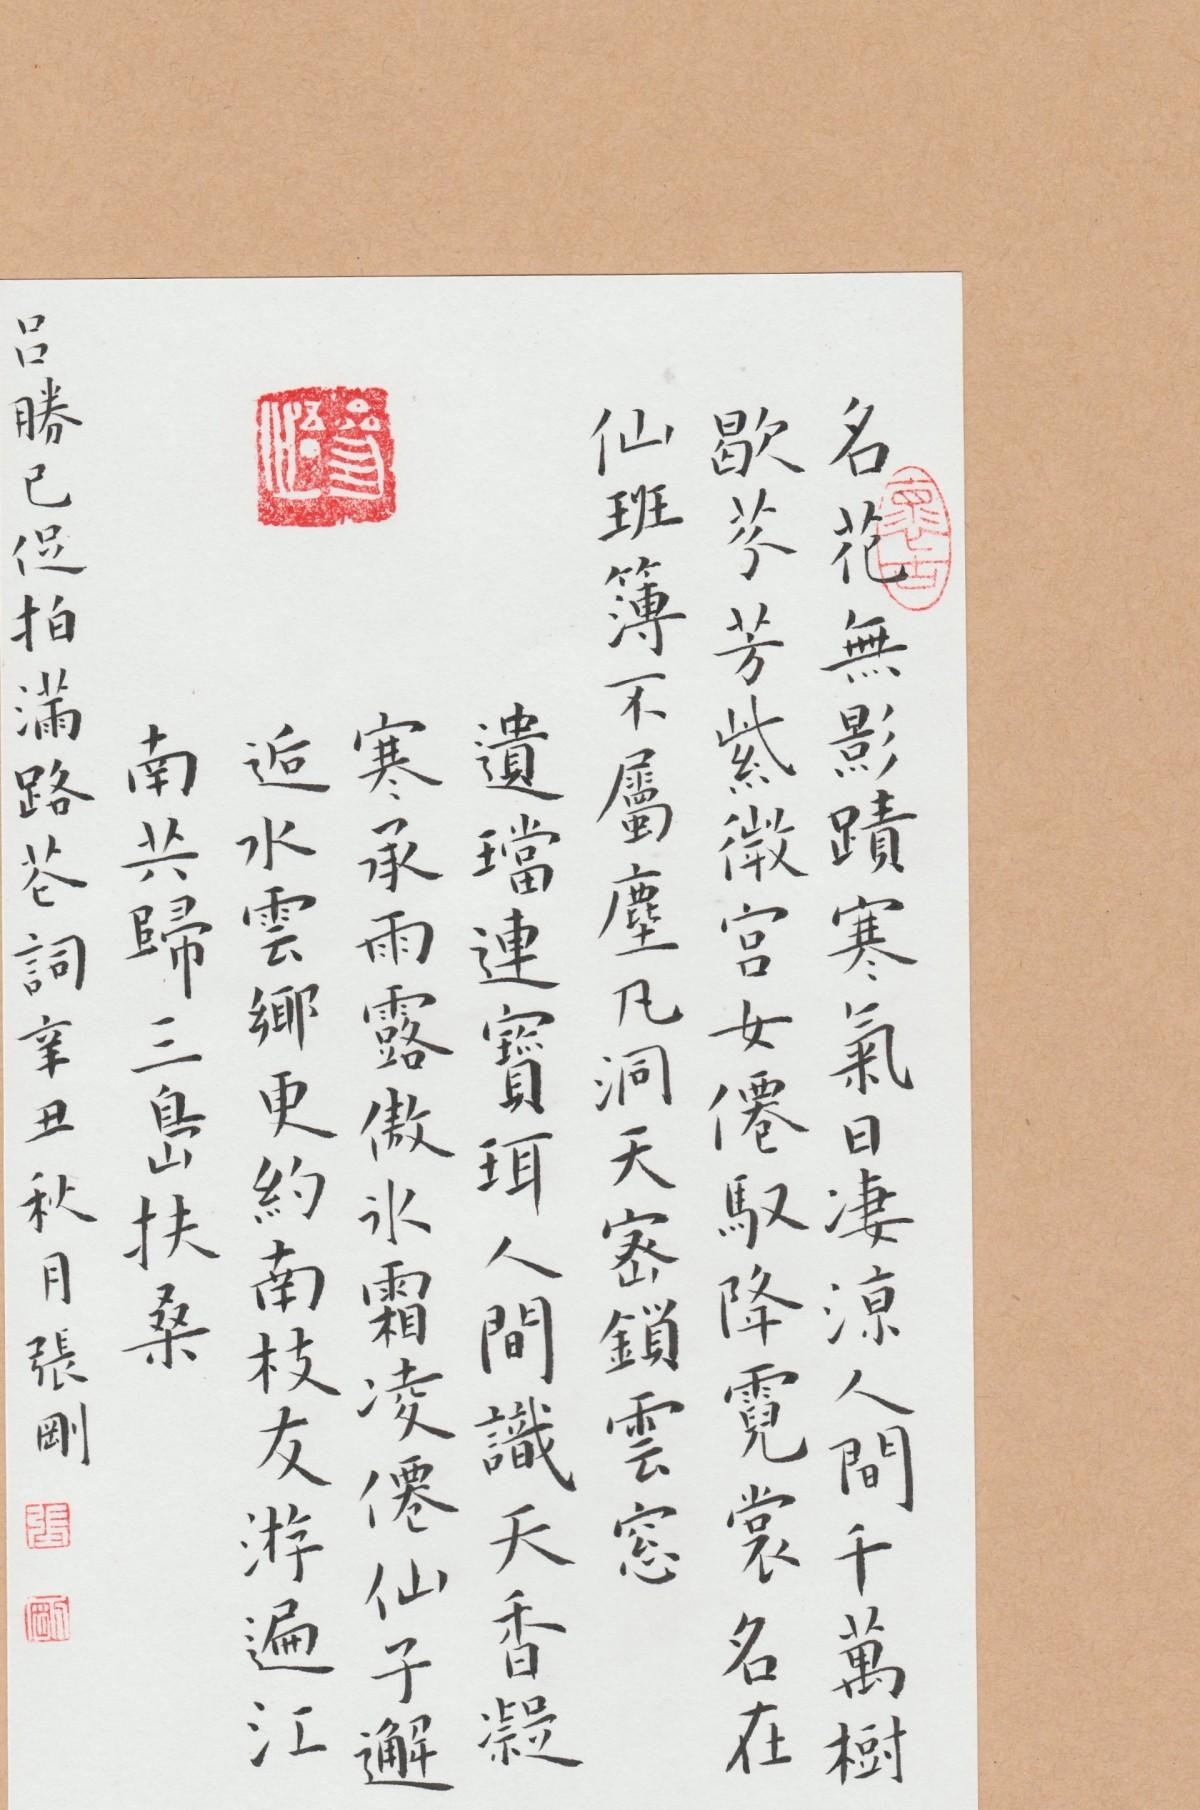 钢笔书法练字打卡20210929-01